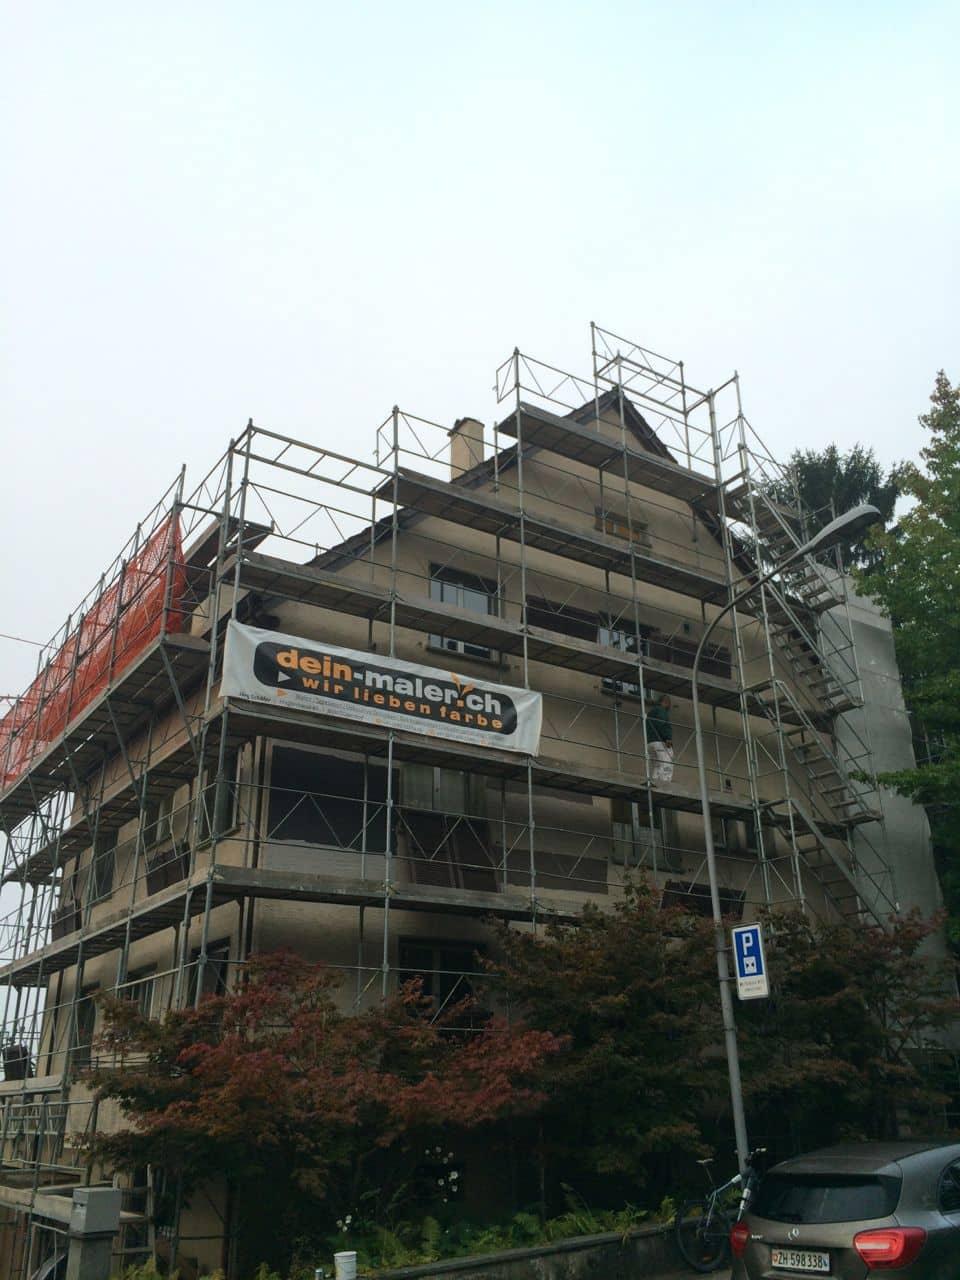 Fassadensanierung von Dein Maler Zürich 6